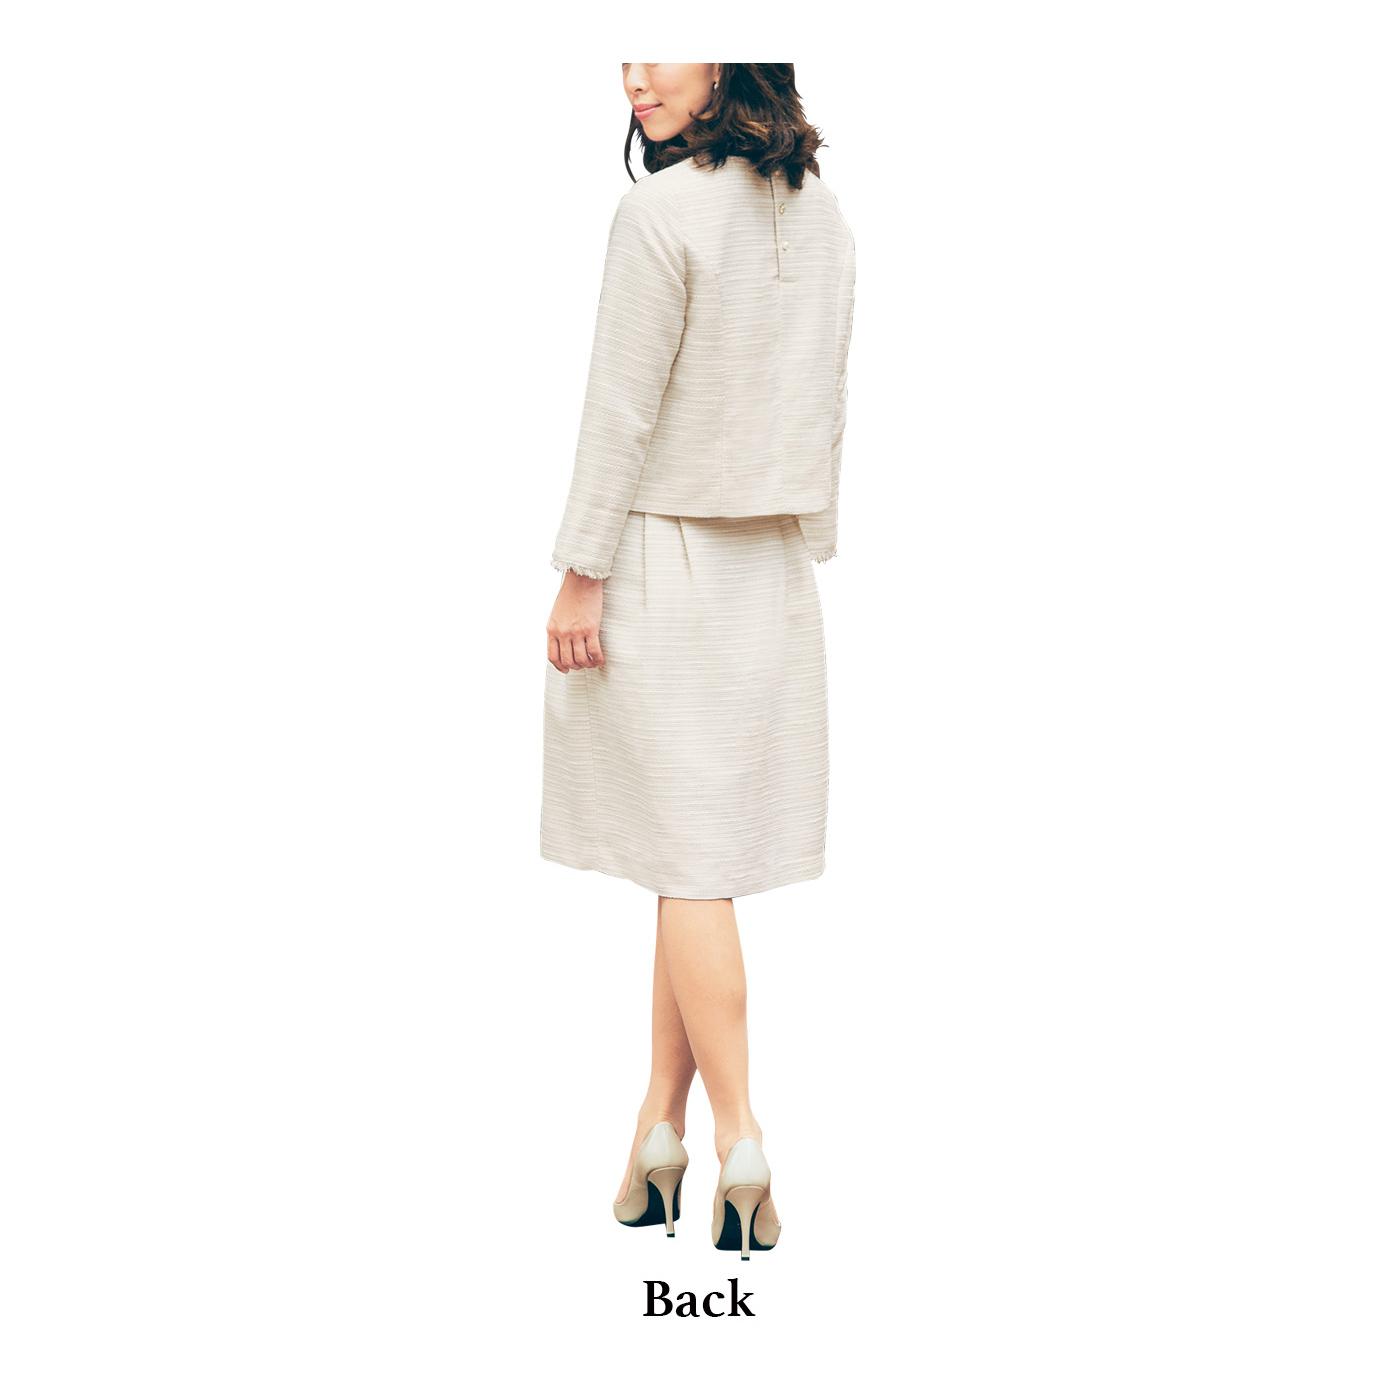 コンパクトなプルオーバーとふんわりスカートのバランスが、トレンドを意識しつつ好感度UP。上品ベージュで明るいママを印象づけて。